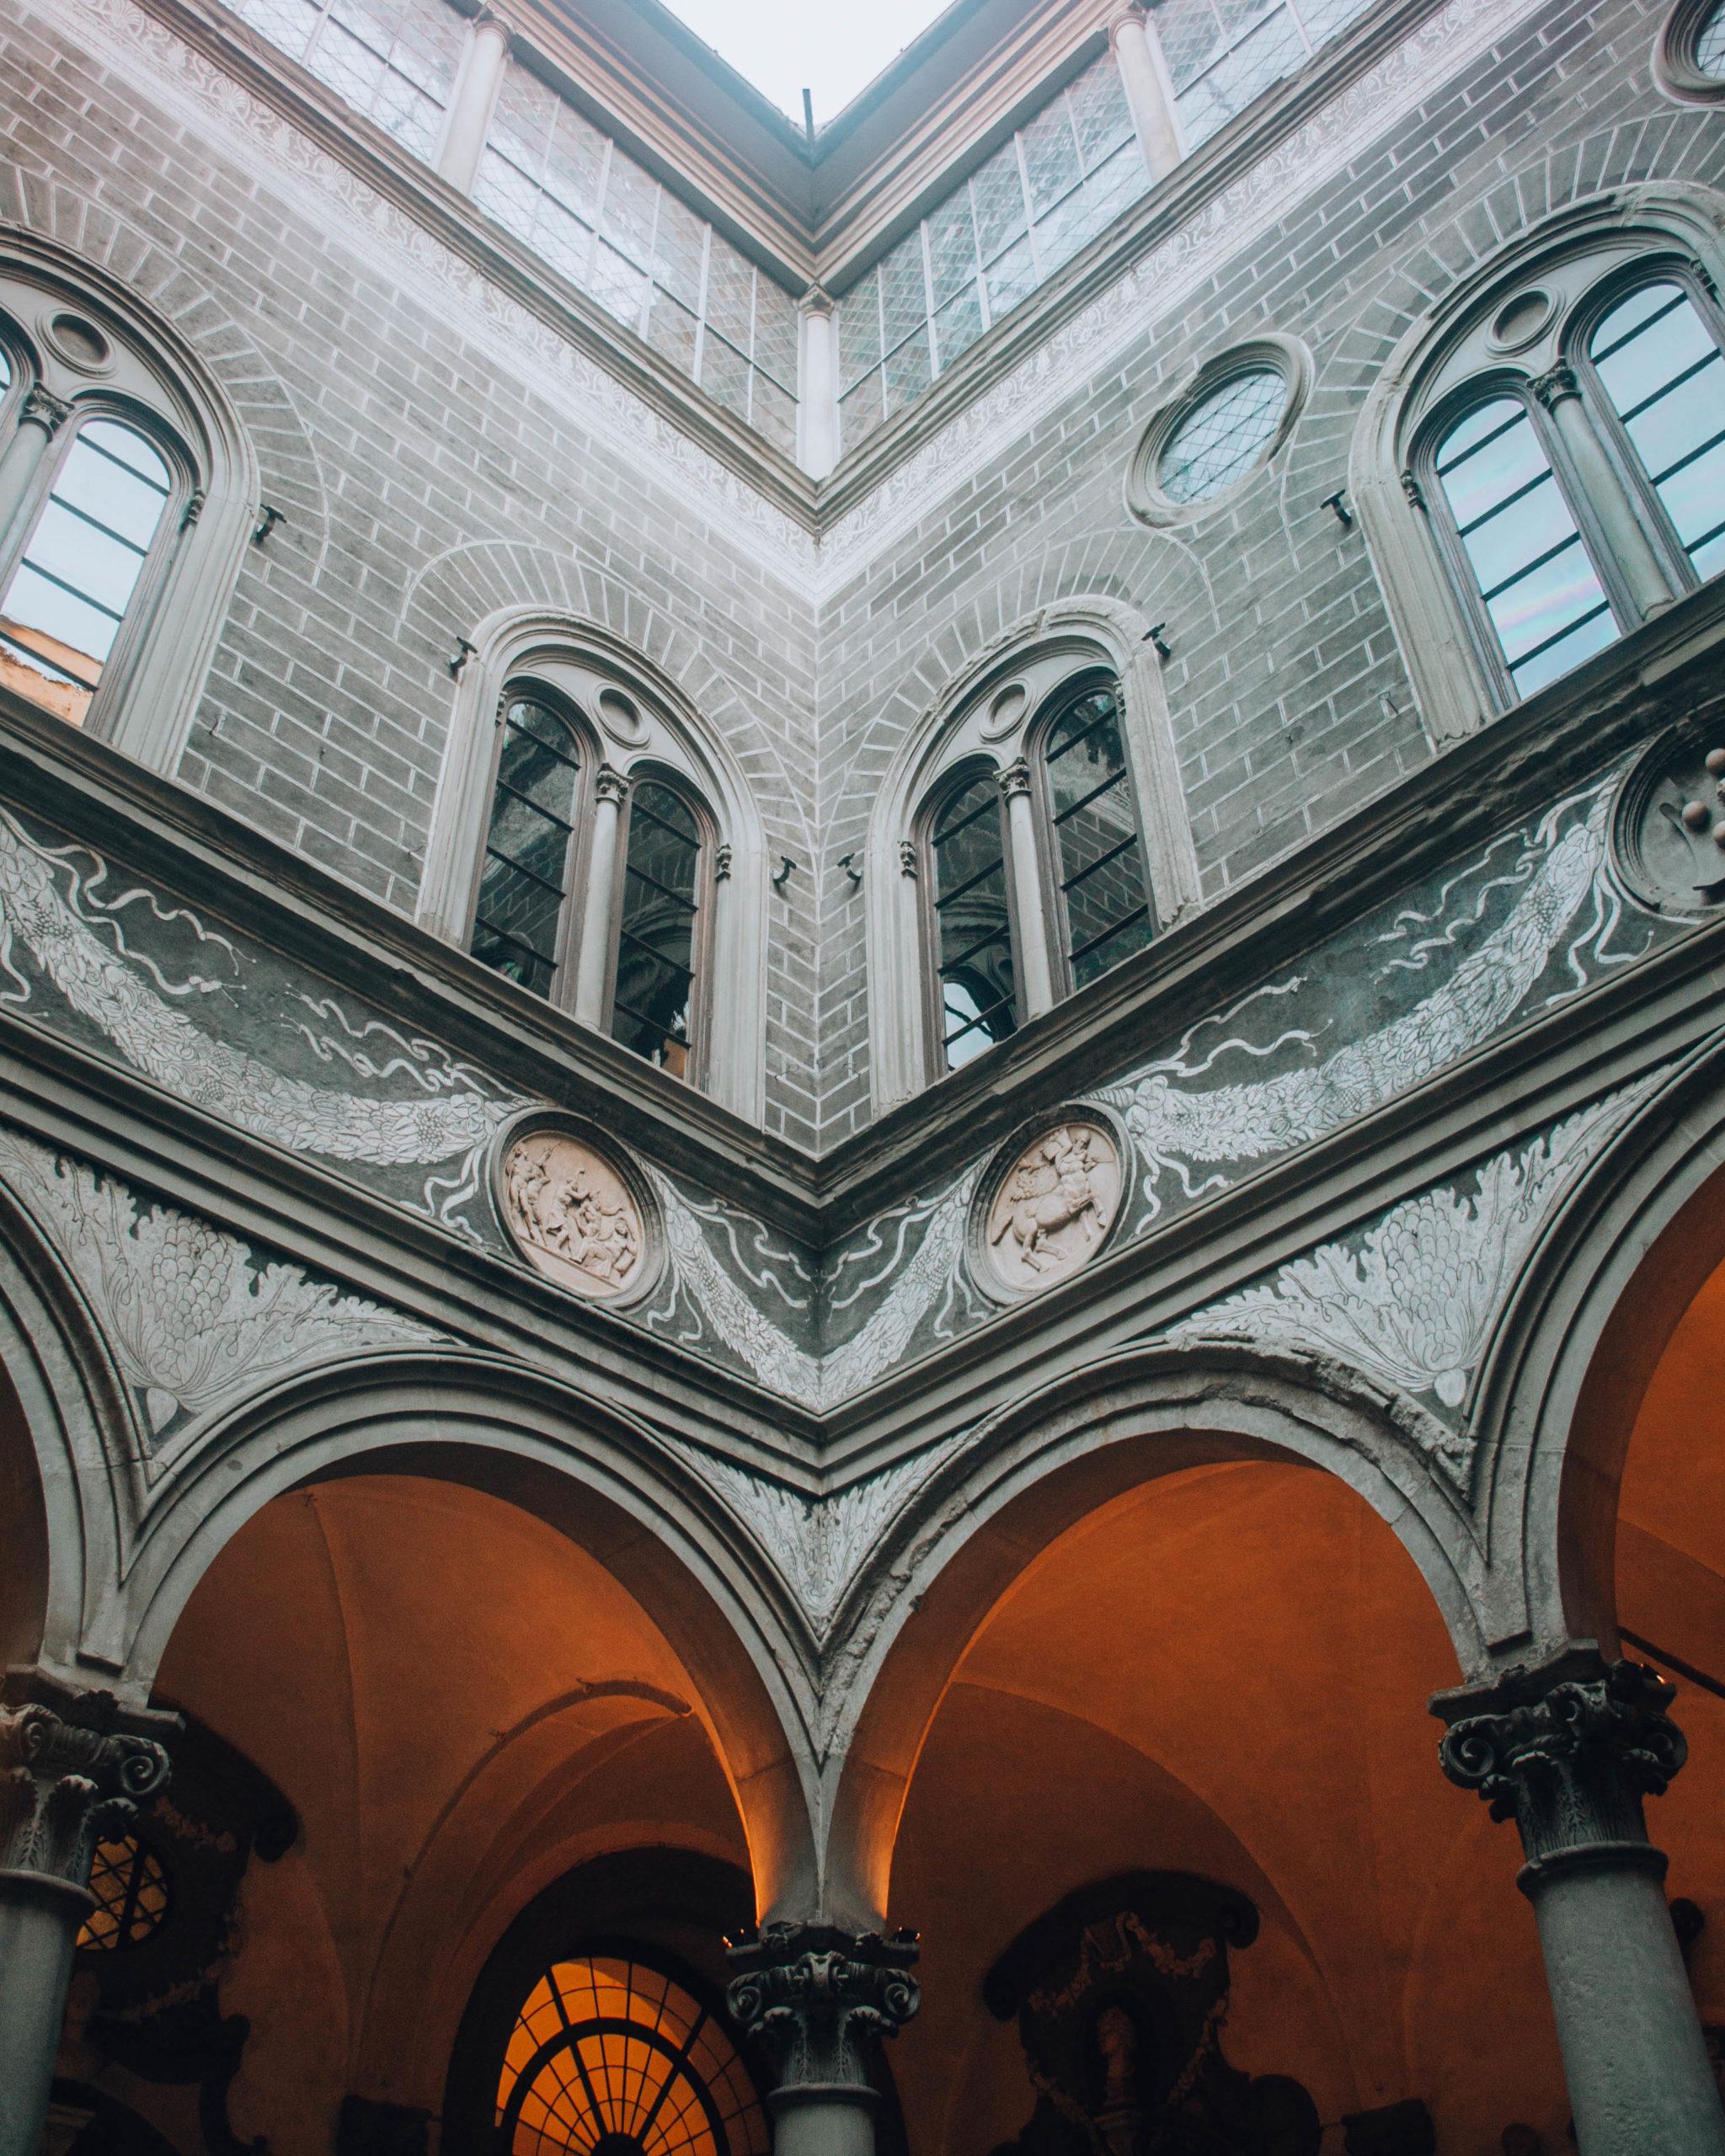 visione d'angolo dell'interno di un palazzo signorile fiorentino